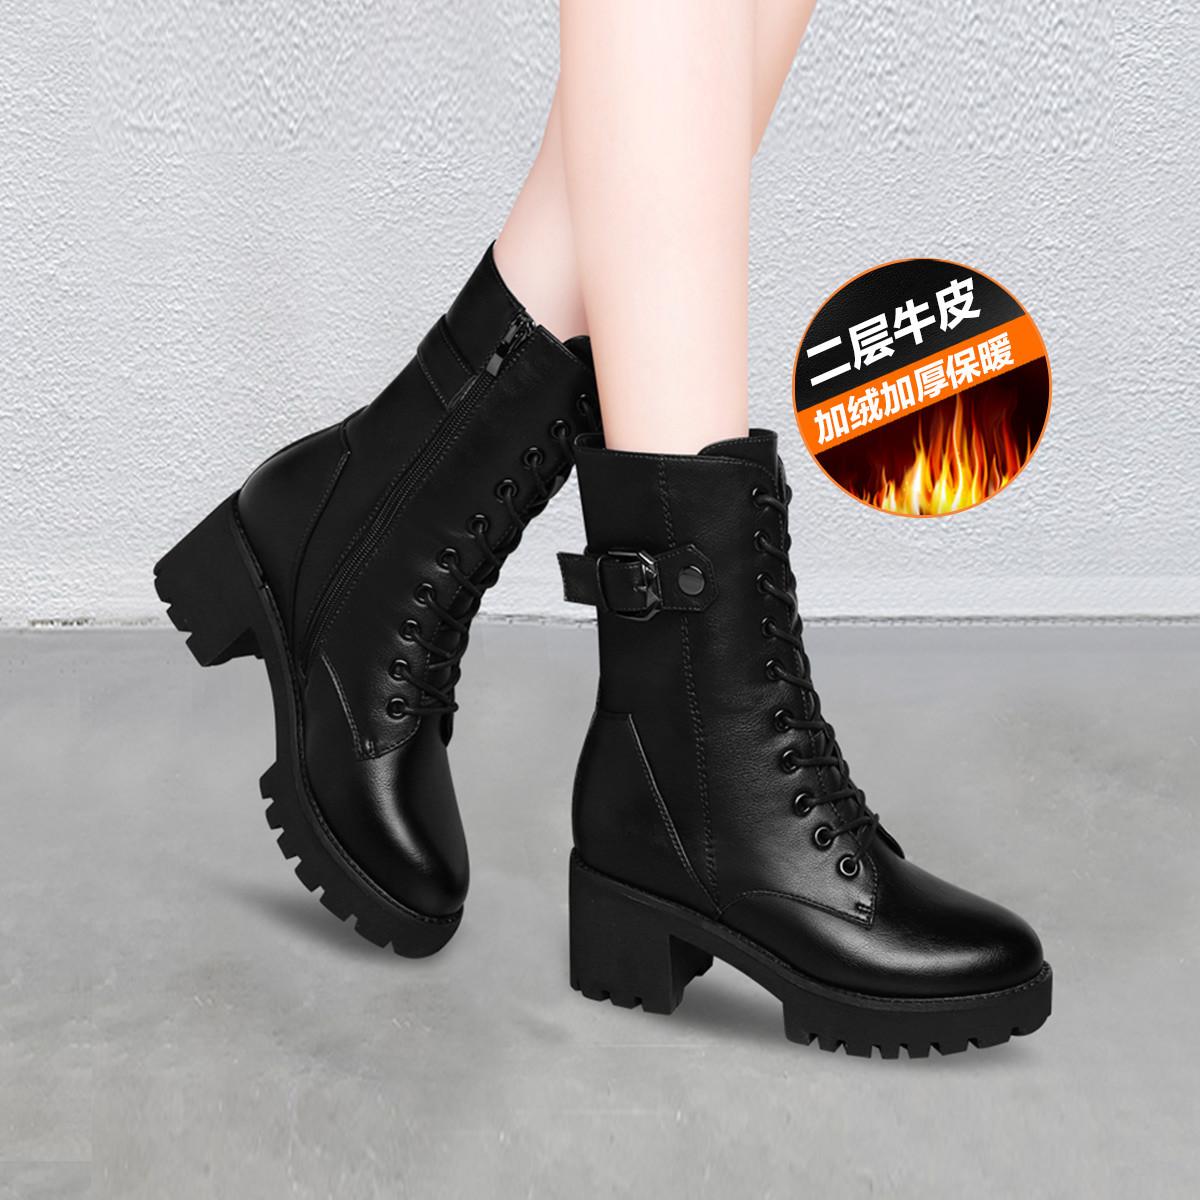 莱卡金顿19新款秋冬加绒棉靴厚底增高女鞋时尚系带短筒女靴马丁靴L2691201